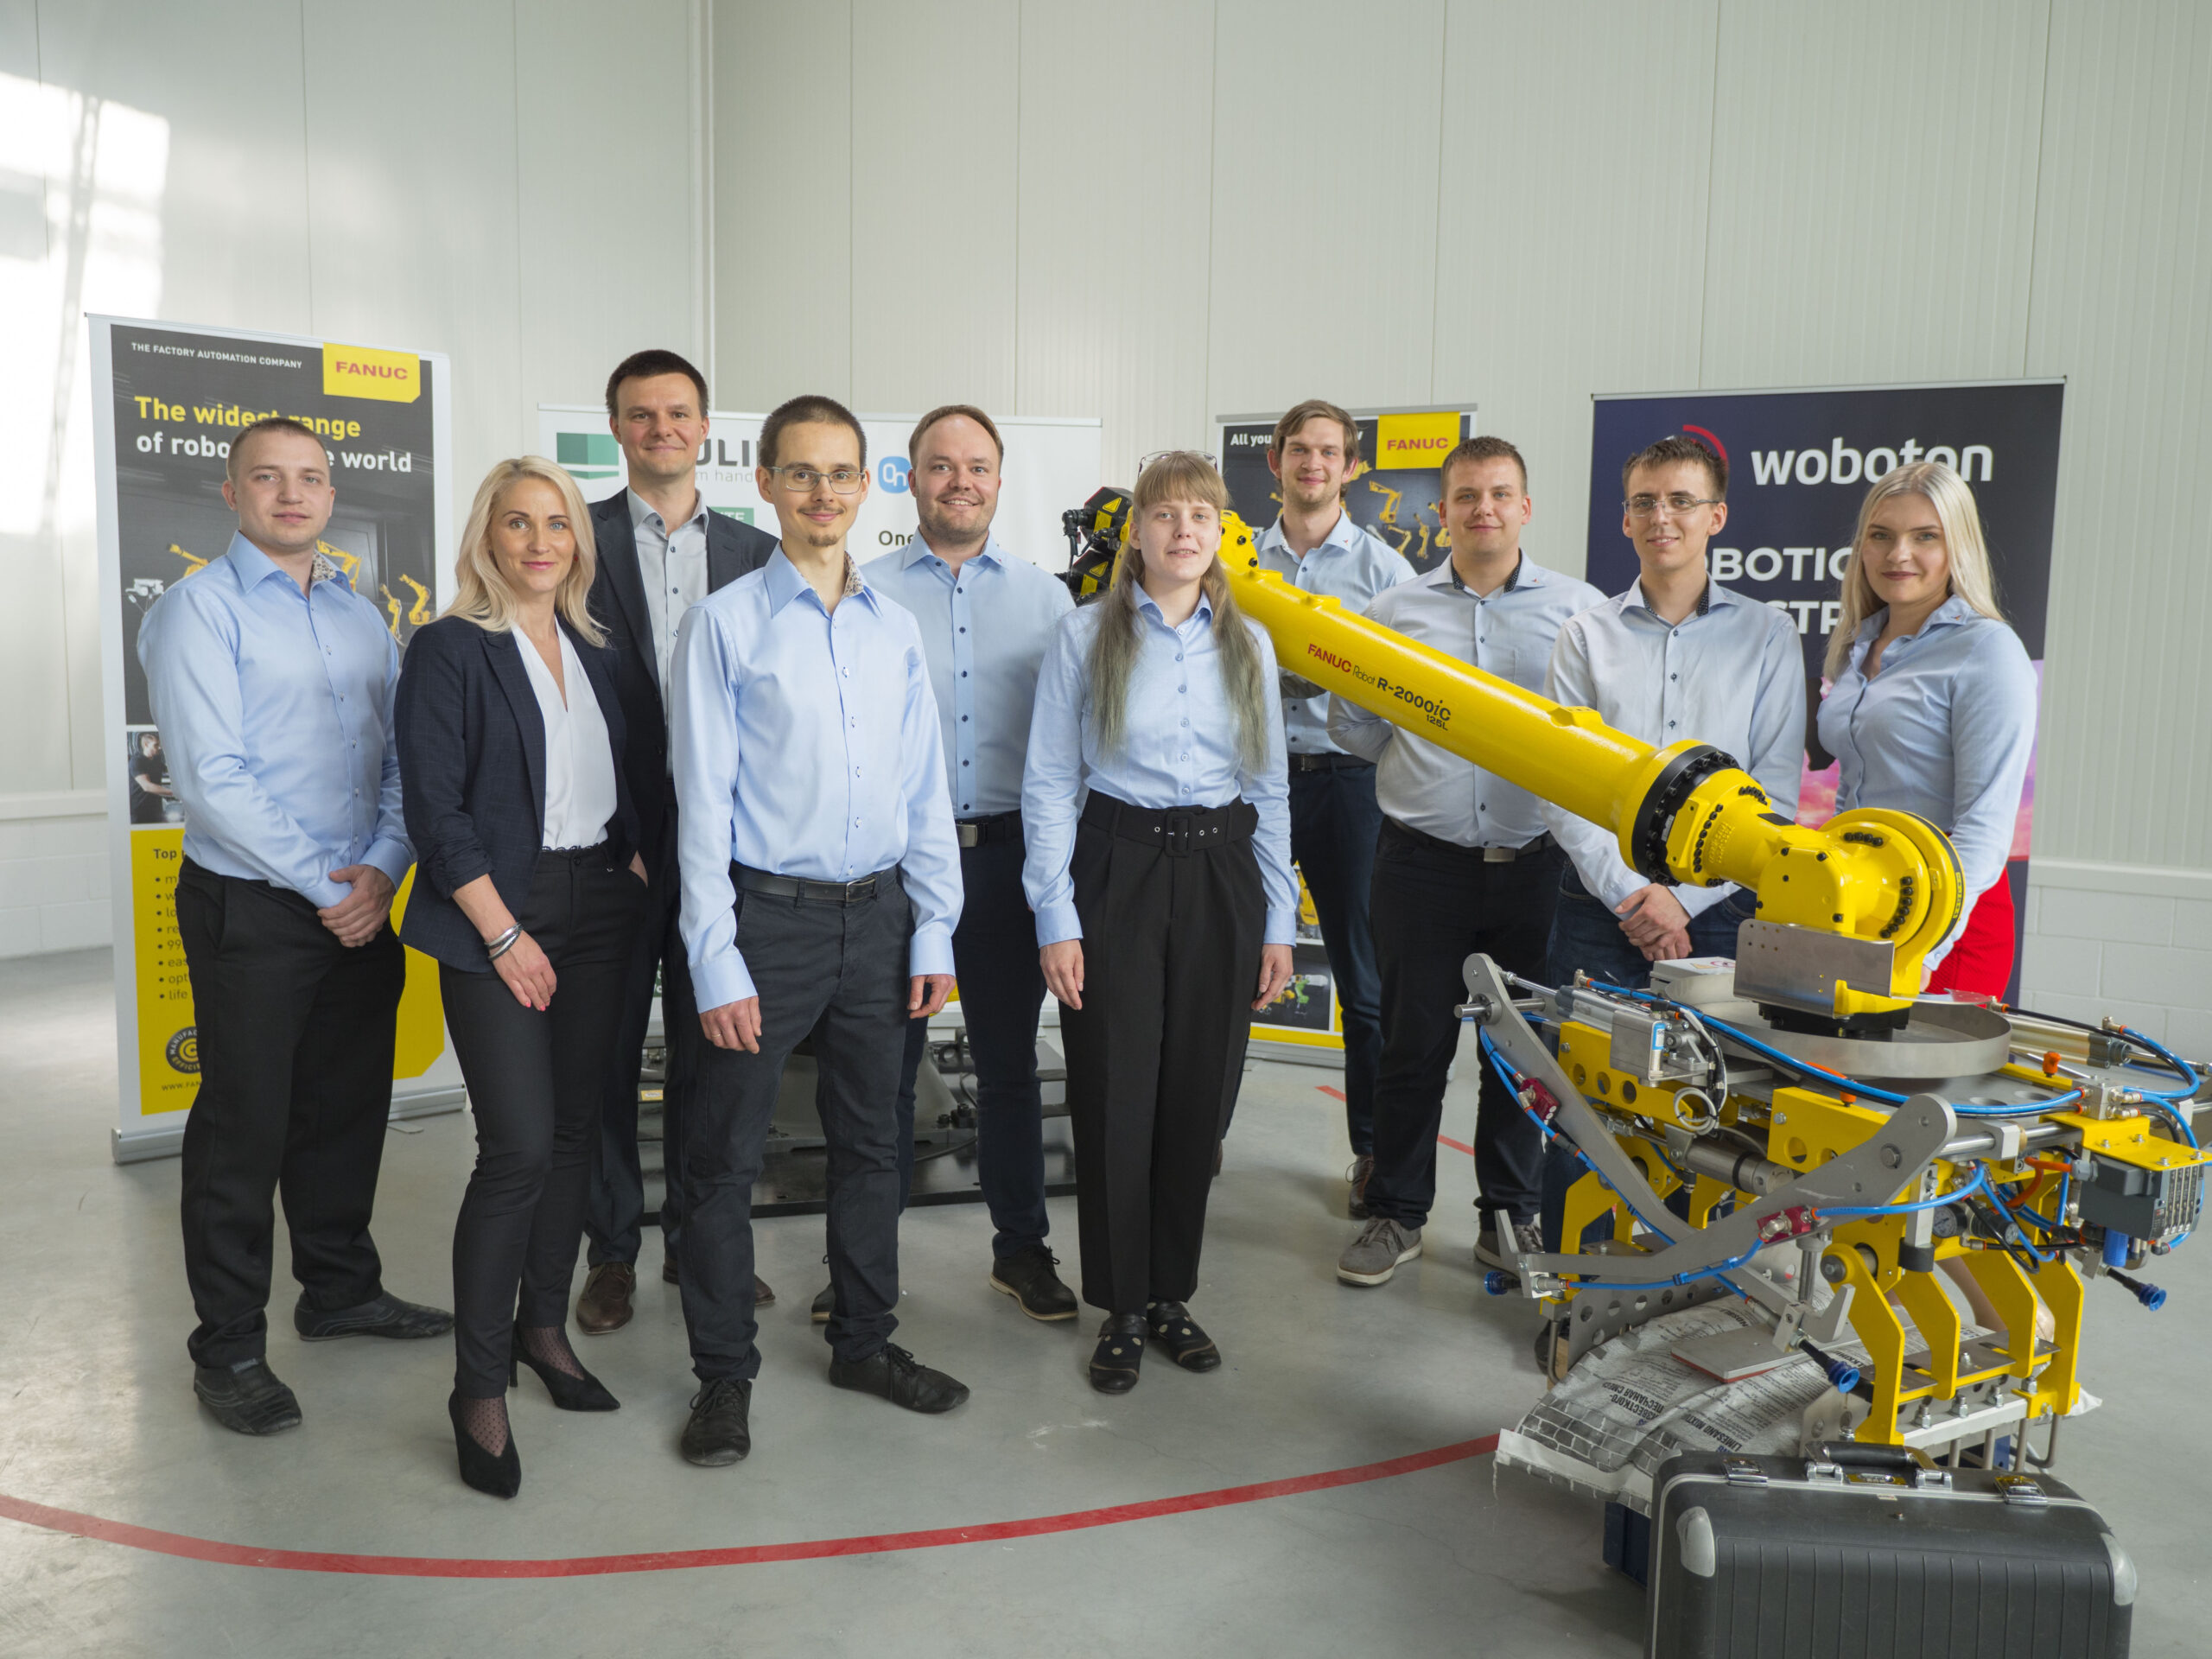 Atemix Tööstusautomaatika aitab Eesti tööstusmaastiku uuele tasemele ja VITS toetab neid sellel teekonnal